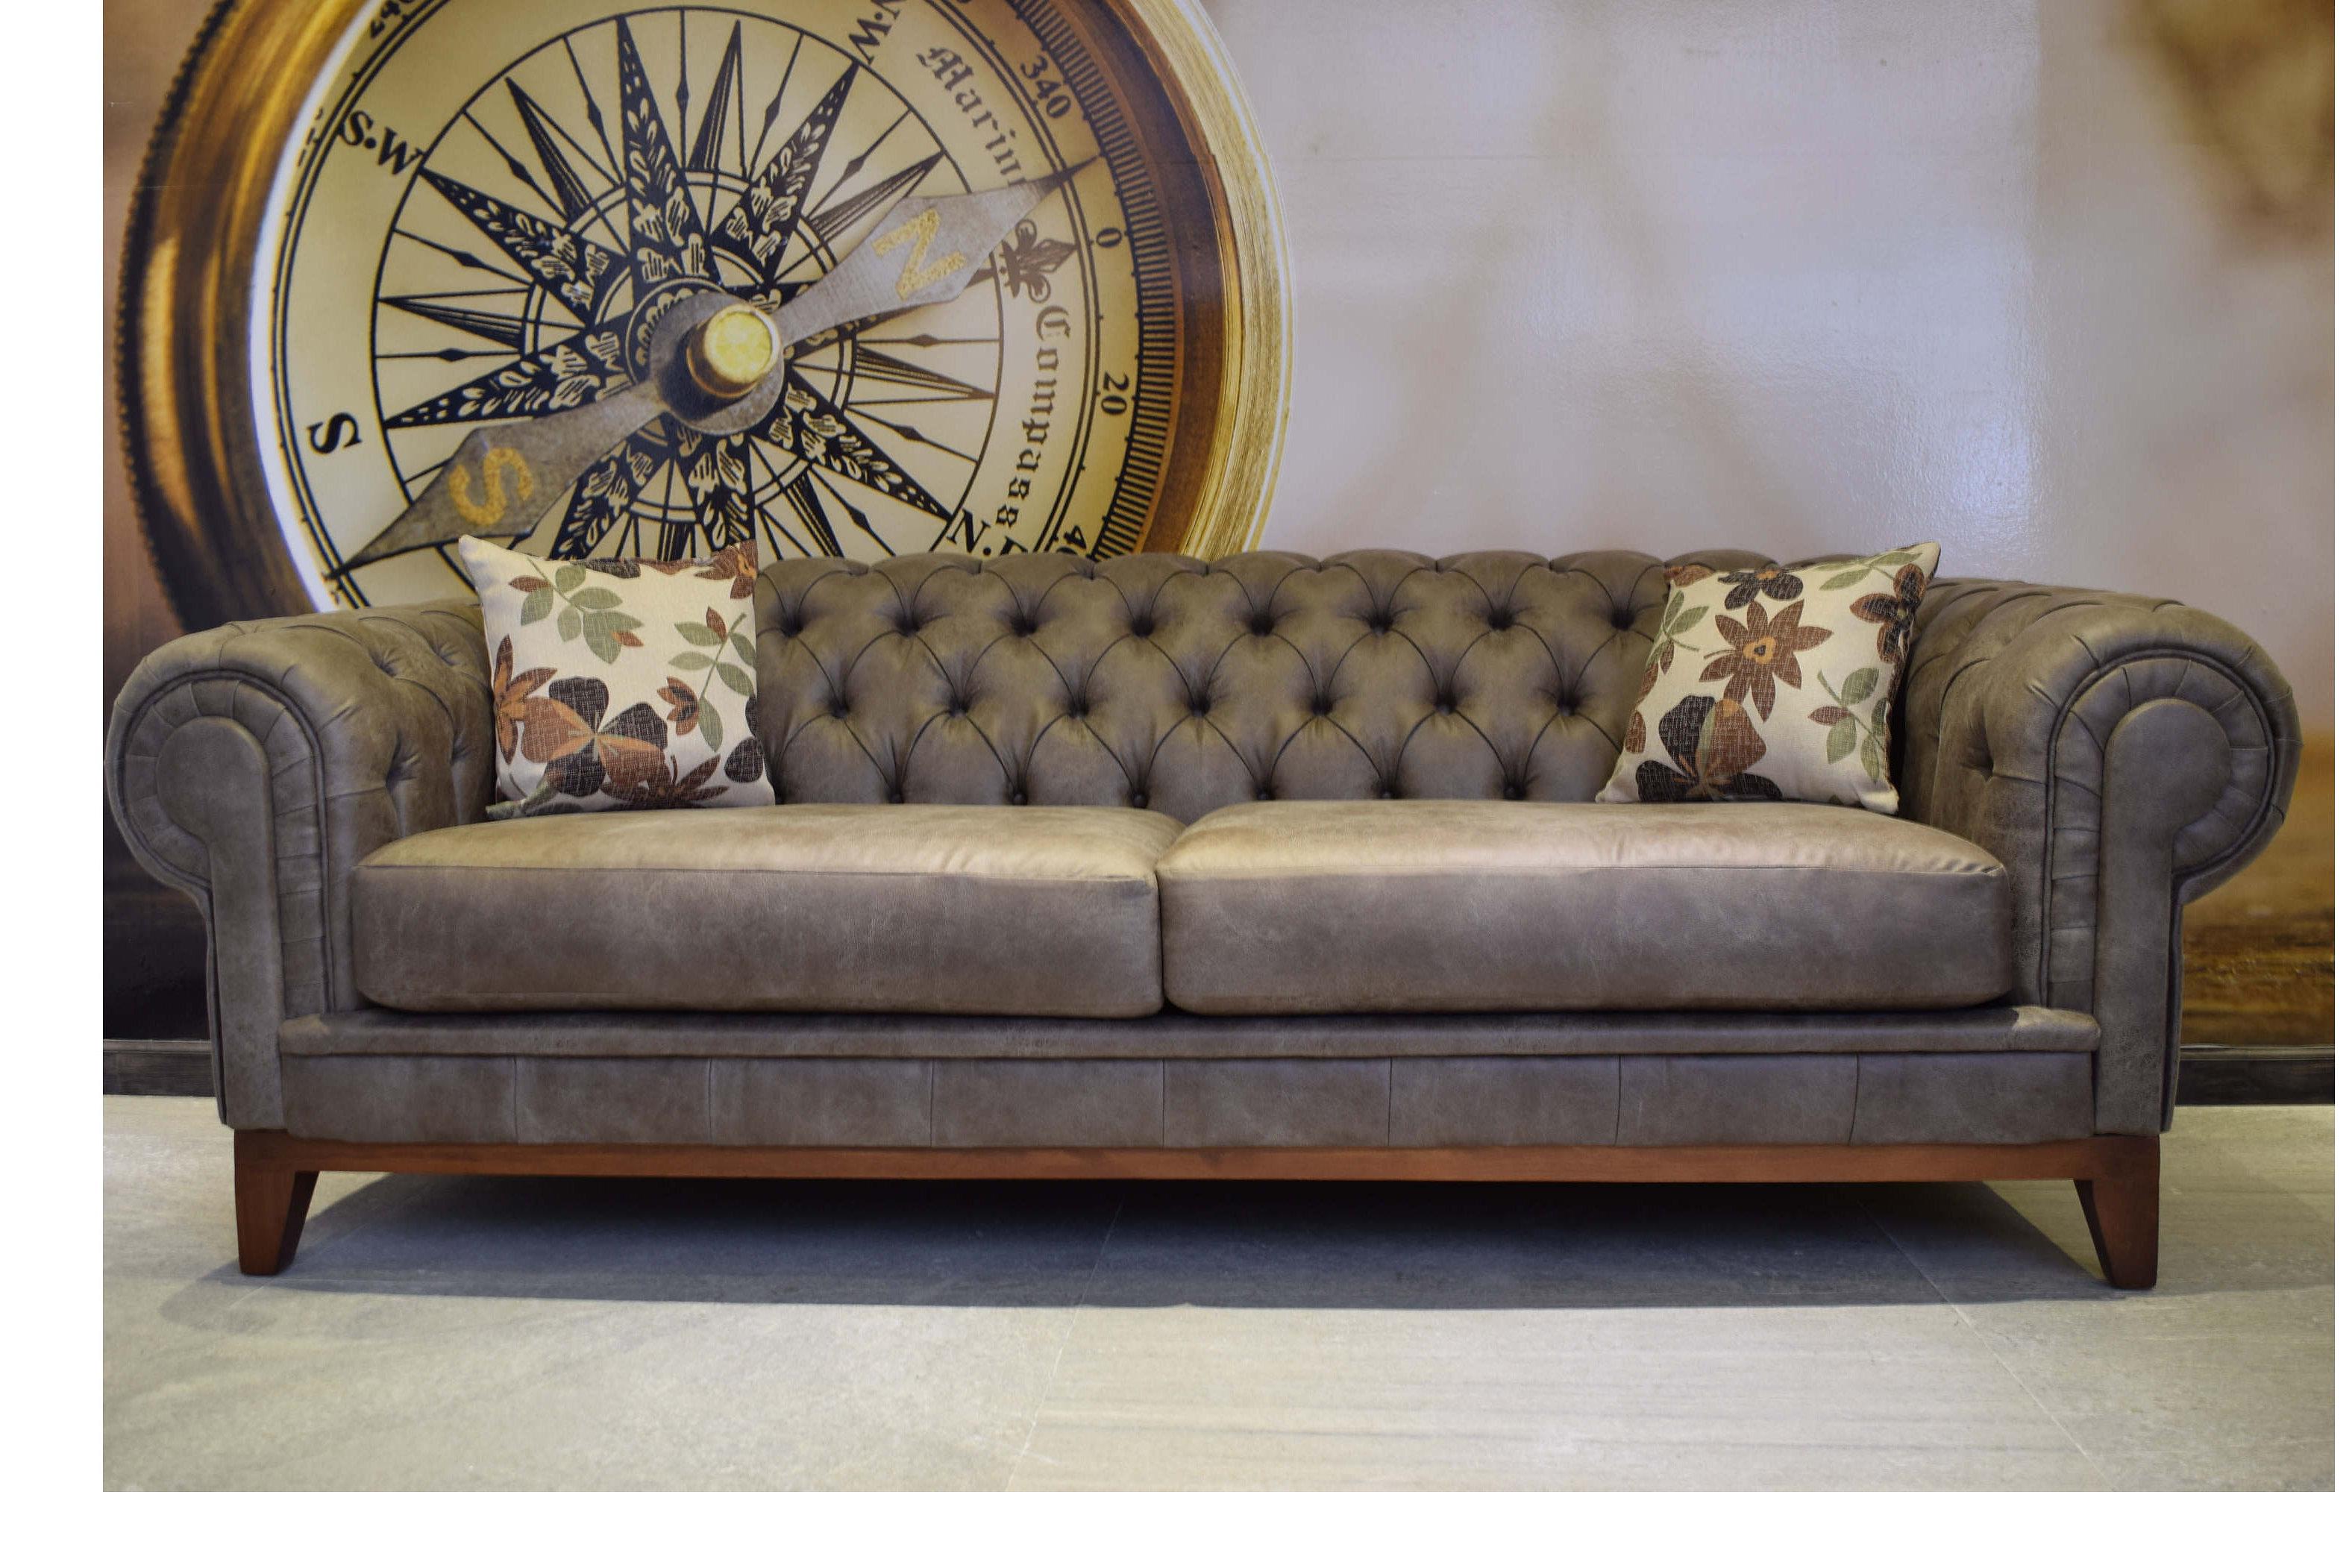 Nuovomuebleria Sala Begonia # Muebles Nuovo Cd Juarez